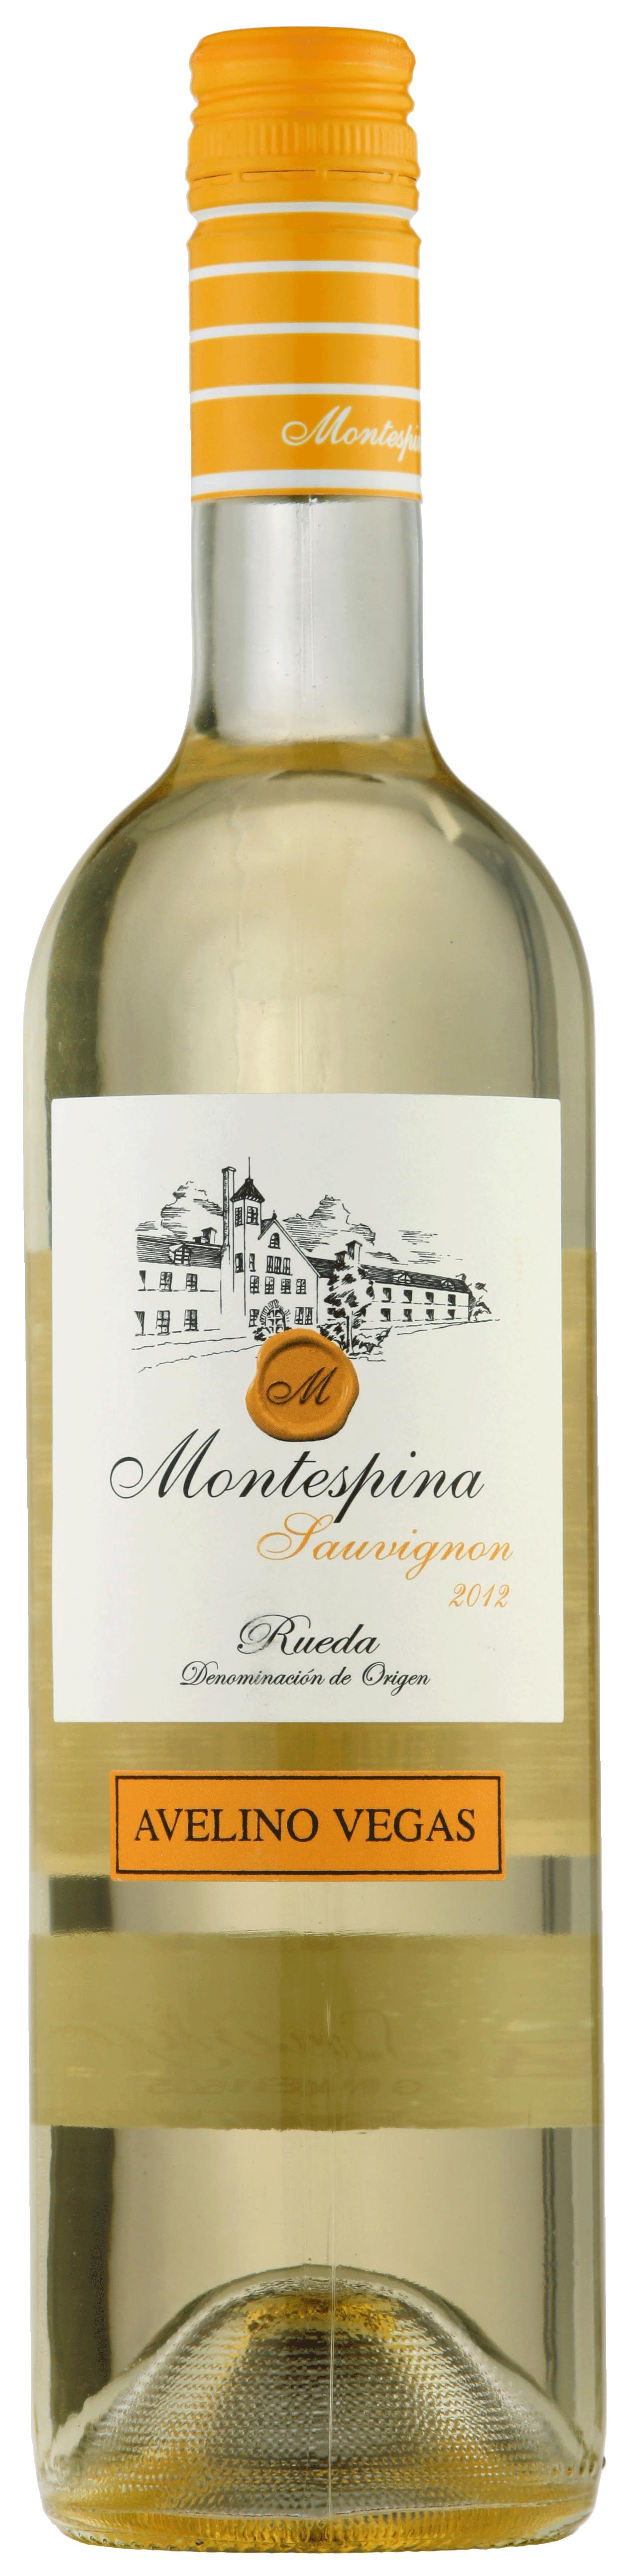 Montespina Sauvignon Blanch